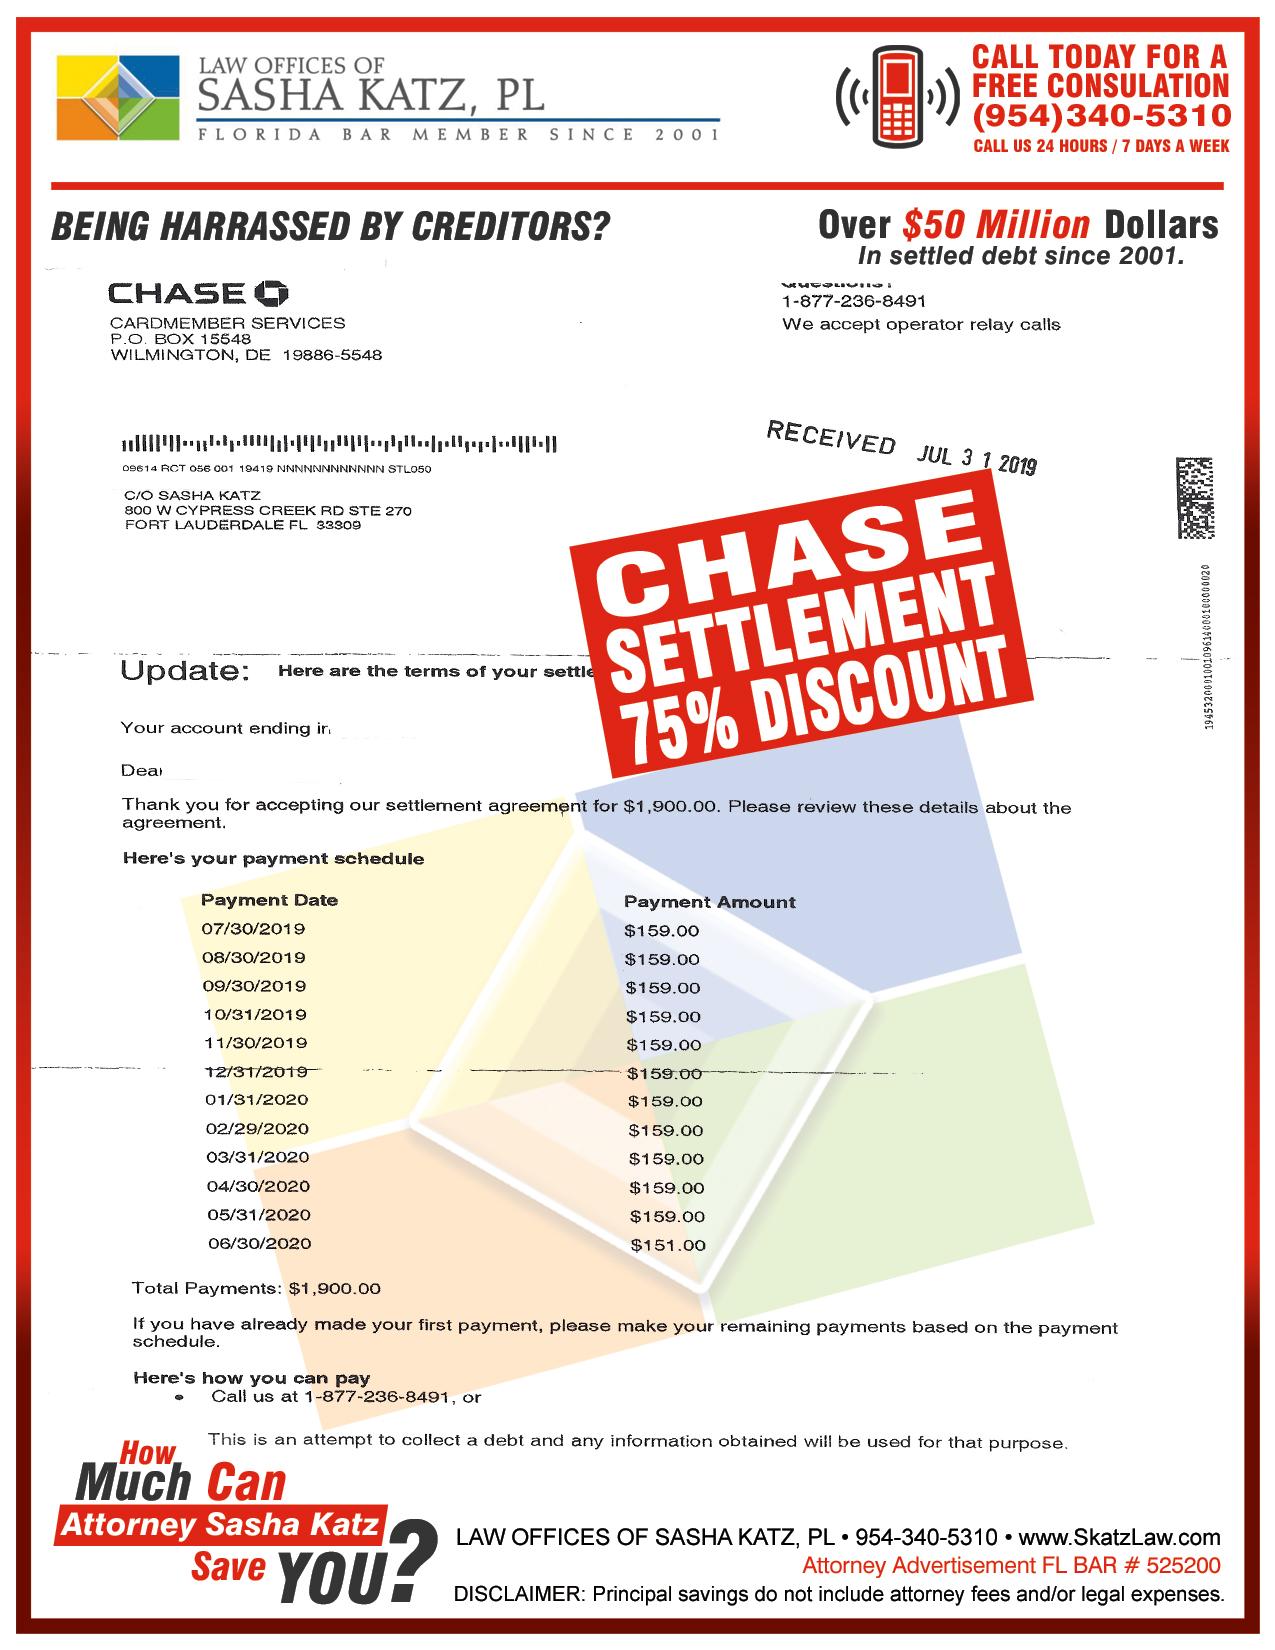 settlement_letter31_2020